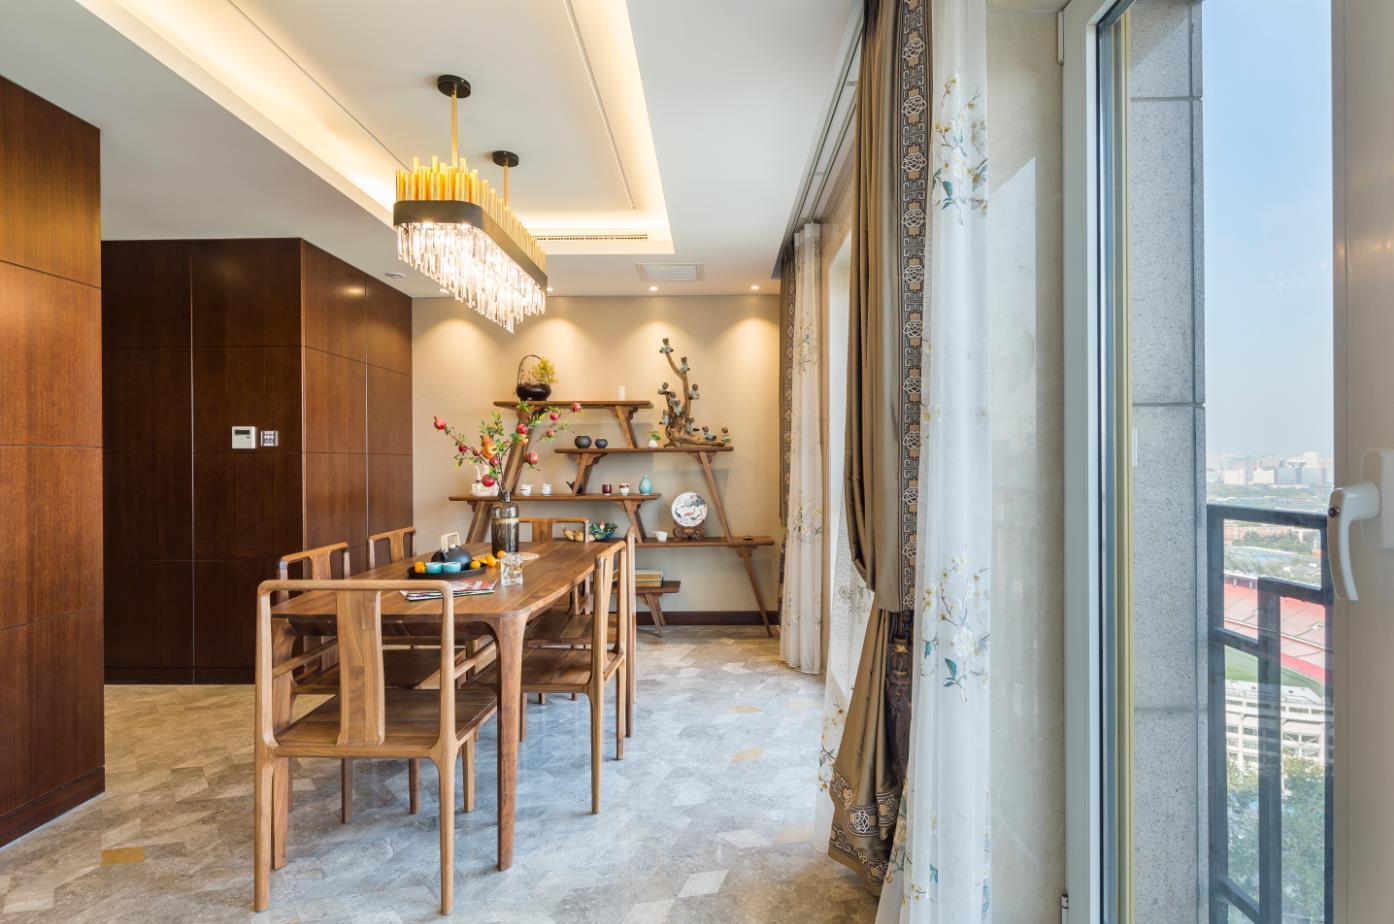 北京申远 申远空间 别墅装修 别墅 餐厅图片来自申远空间设计北京分公司在北京申远空间设计-新中式的分享